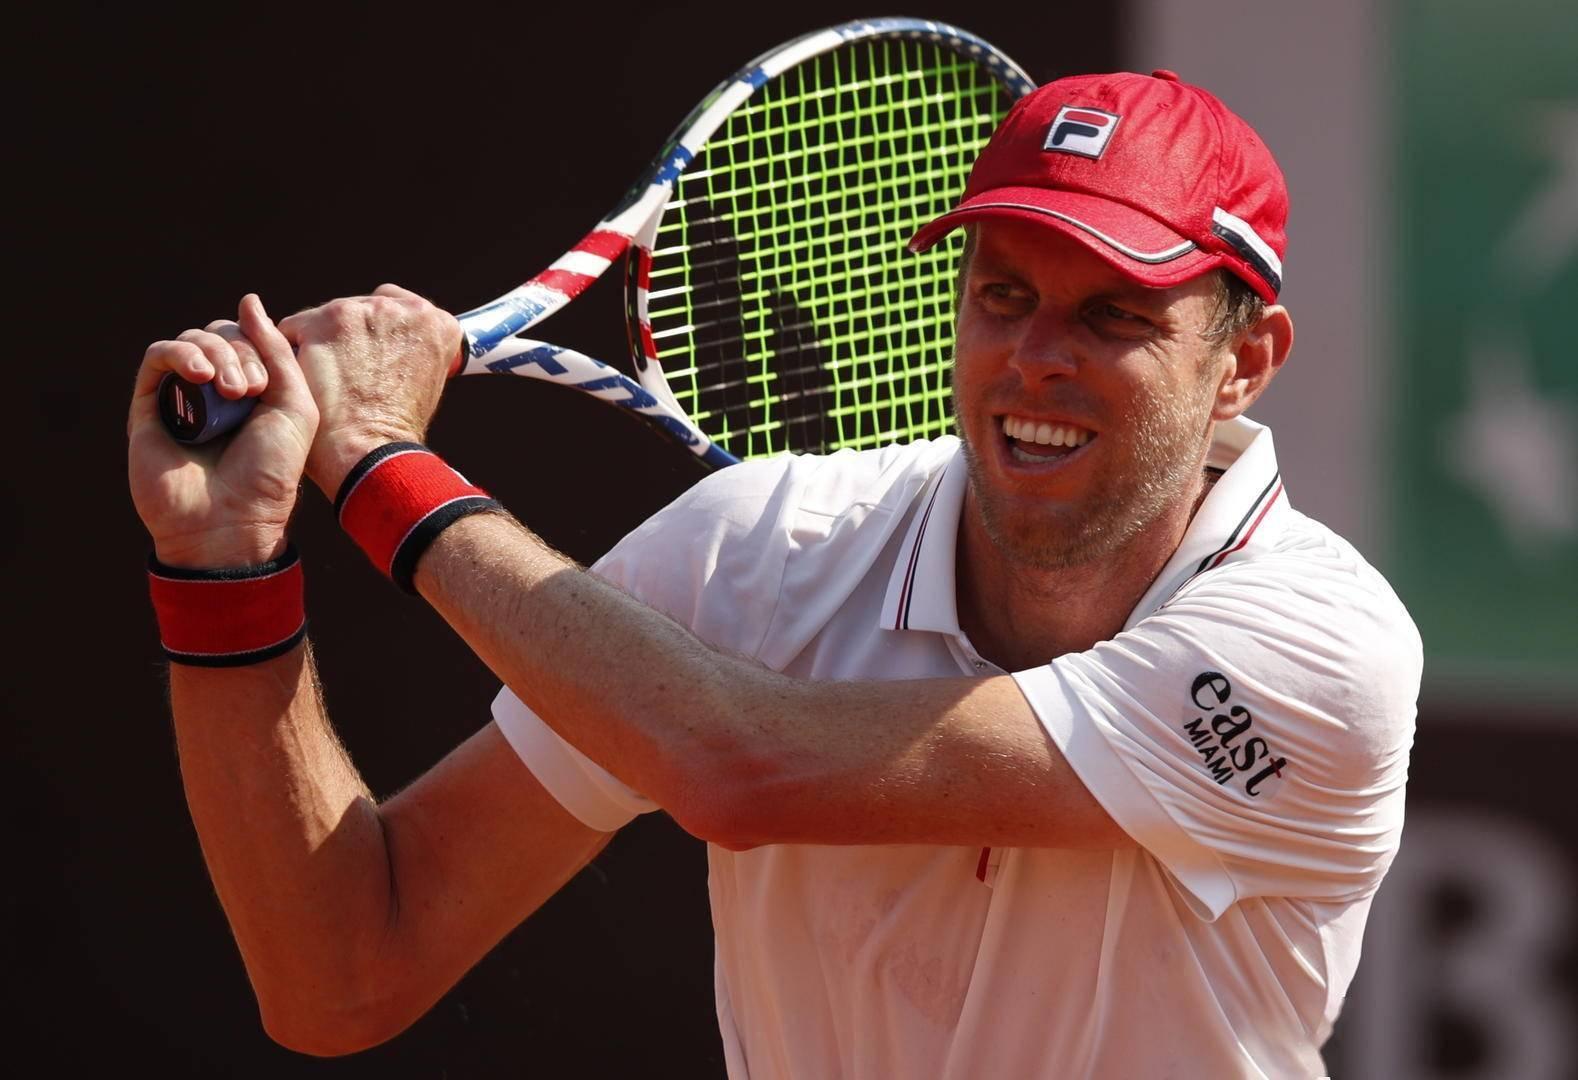 网球赛怪事频出:确诊新冠名将包机逃走、球员如厕太久被罚一局